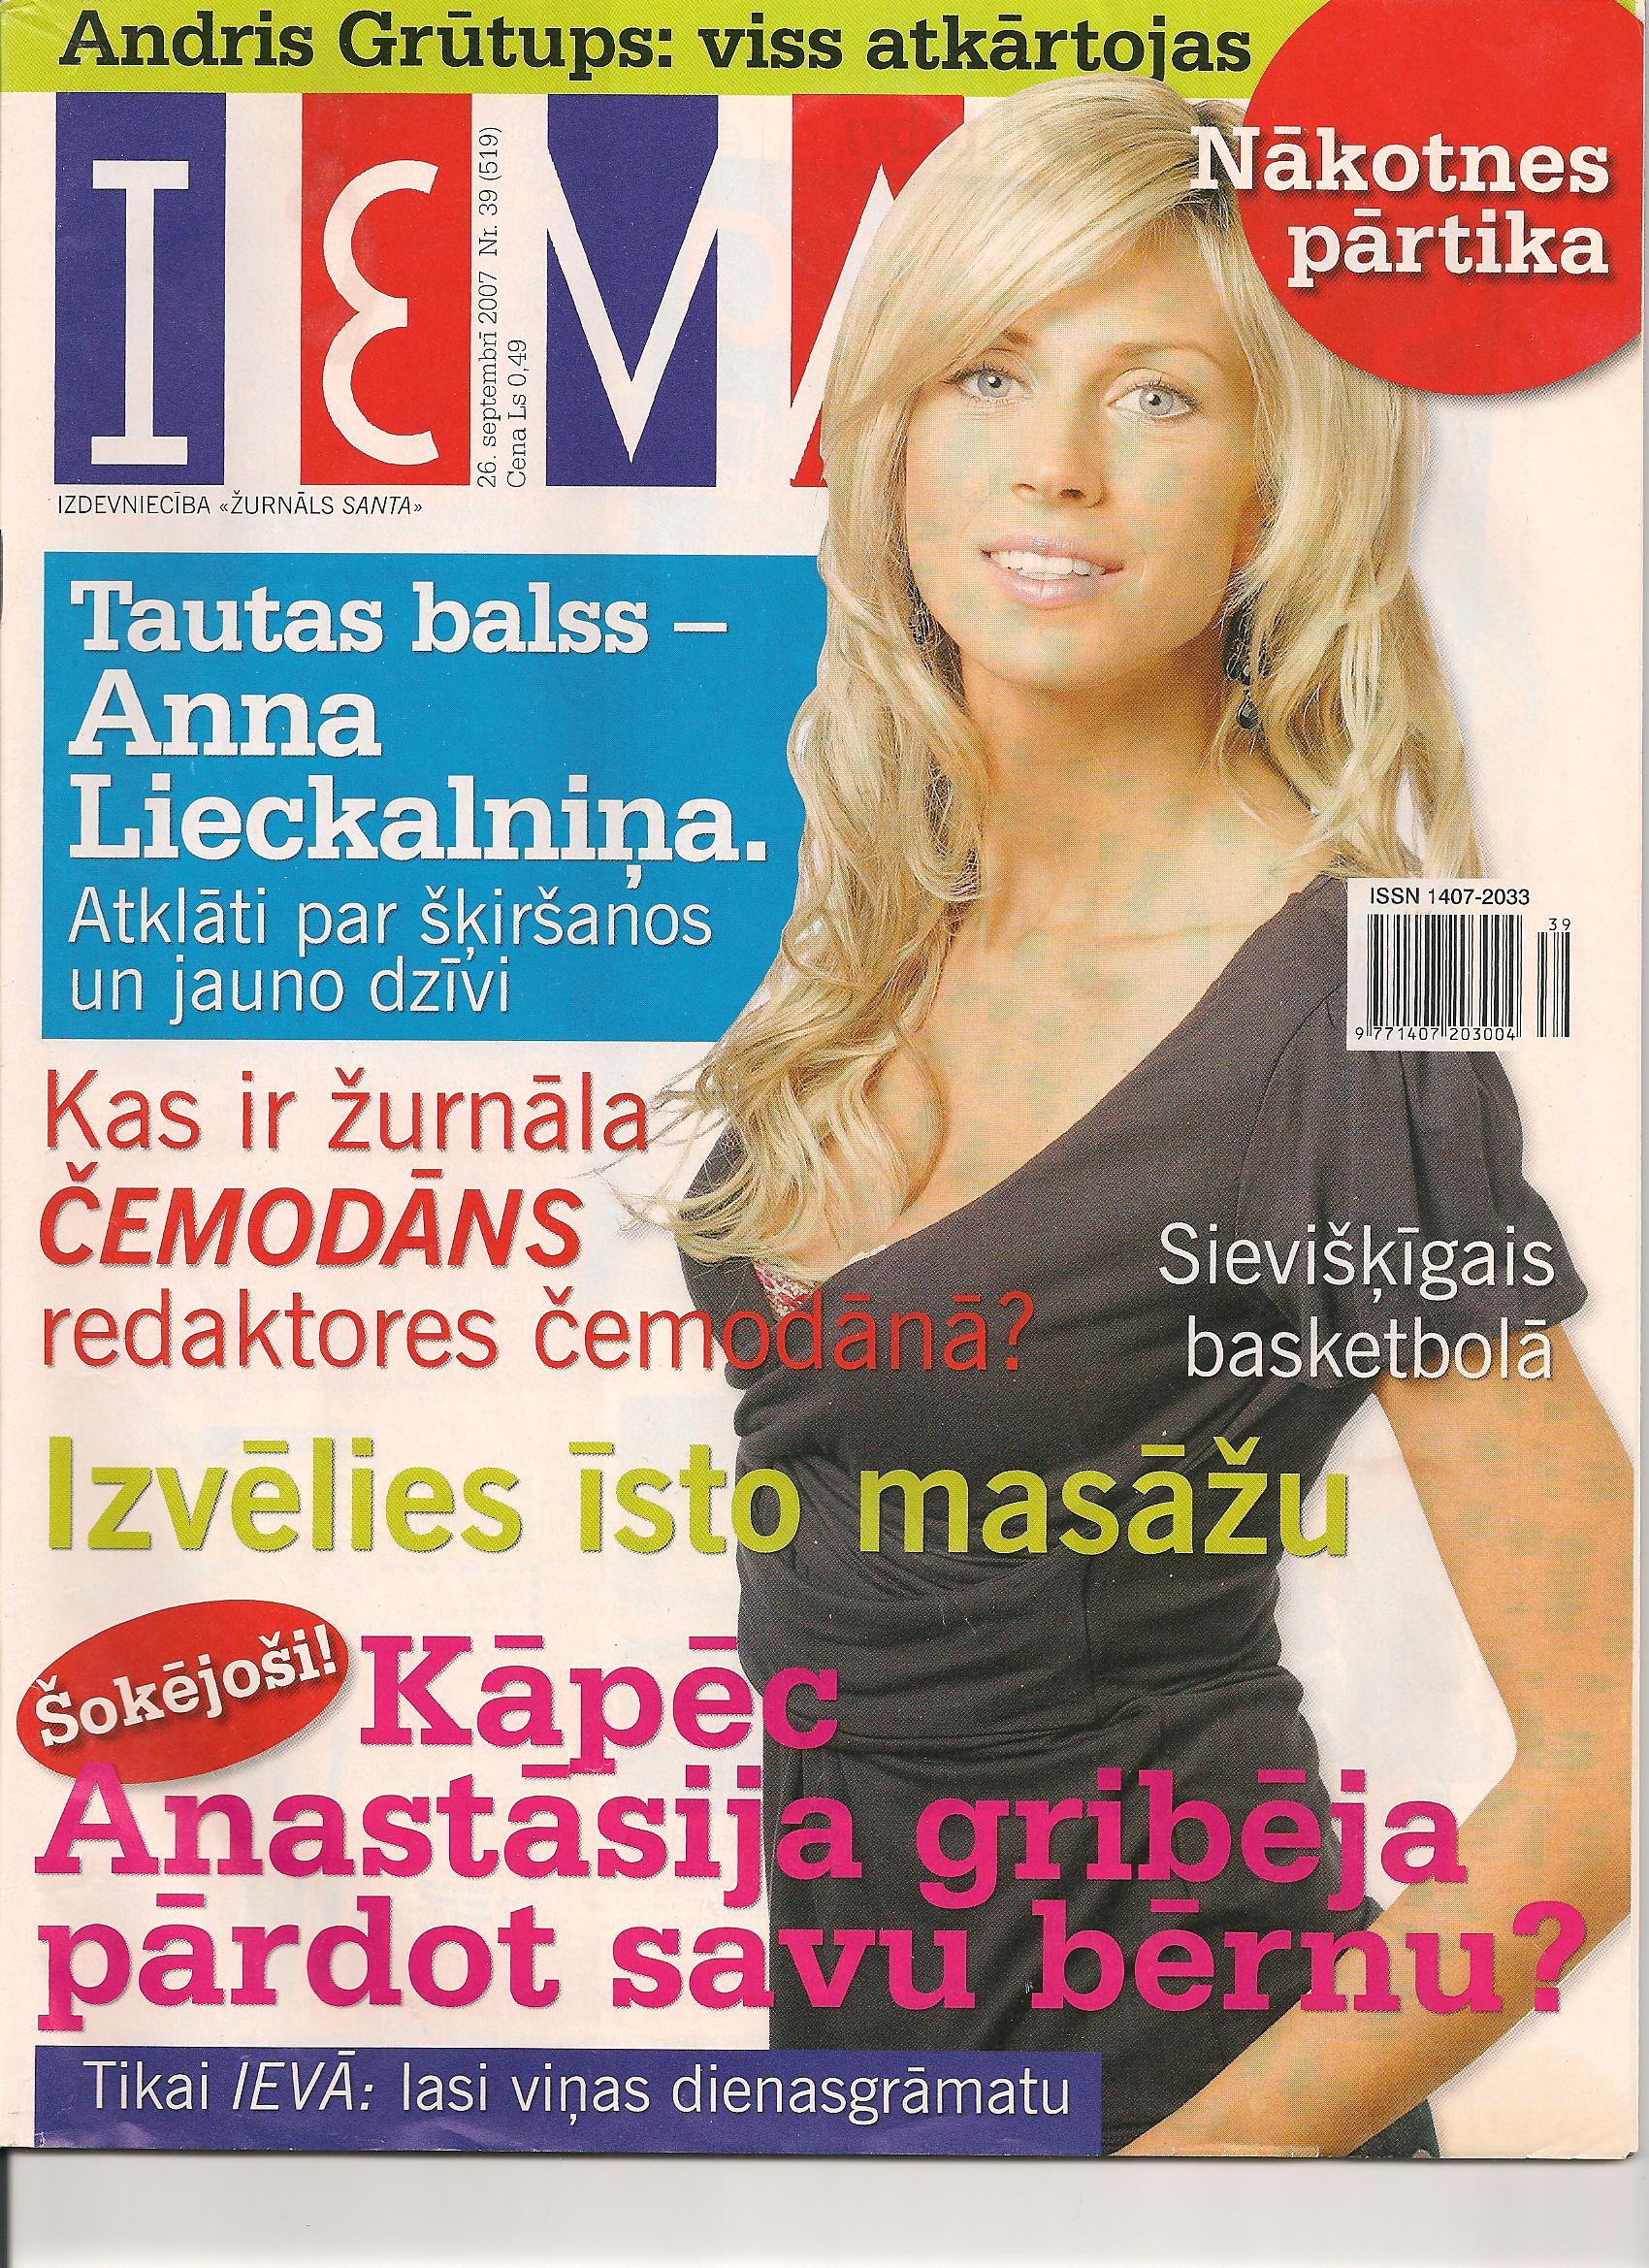 Anna Lieckalniņa, Ieva